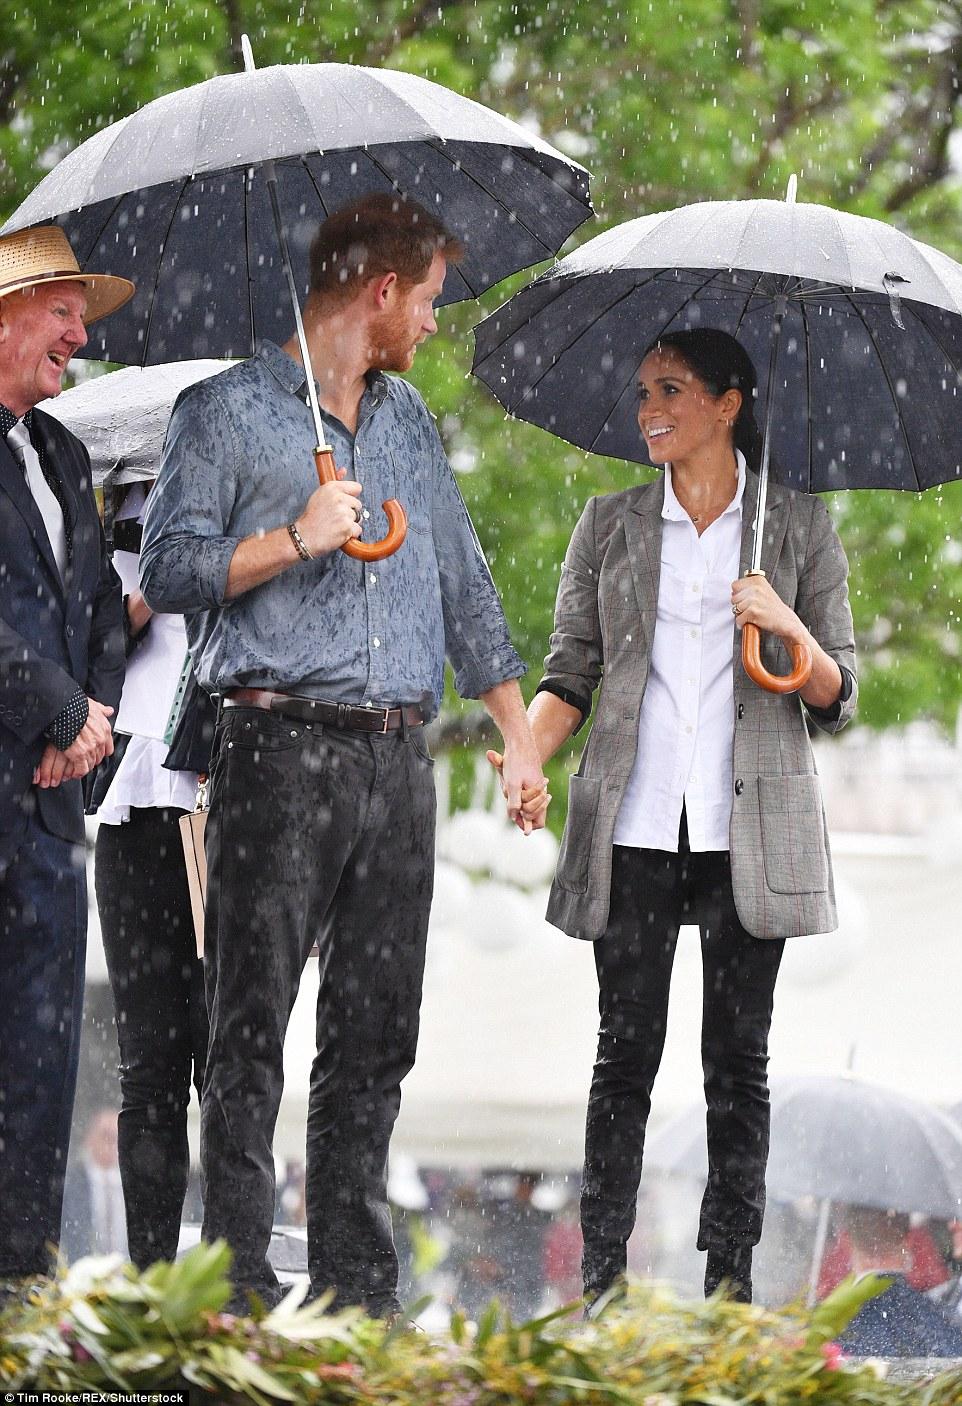 HM umbrella 01